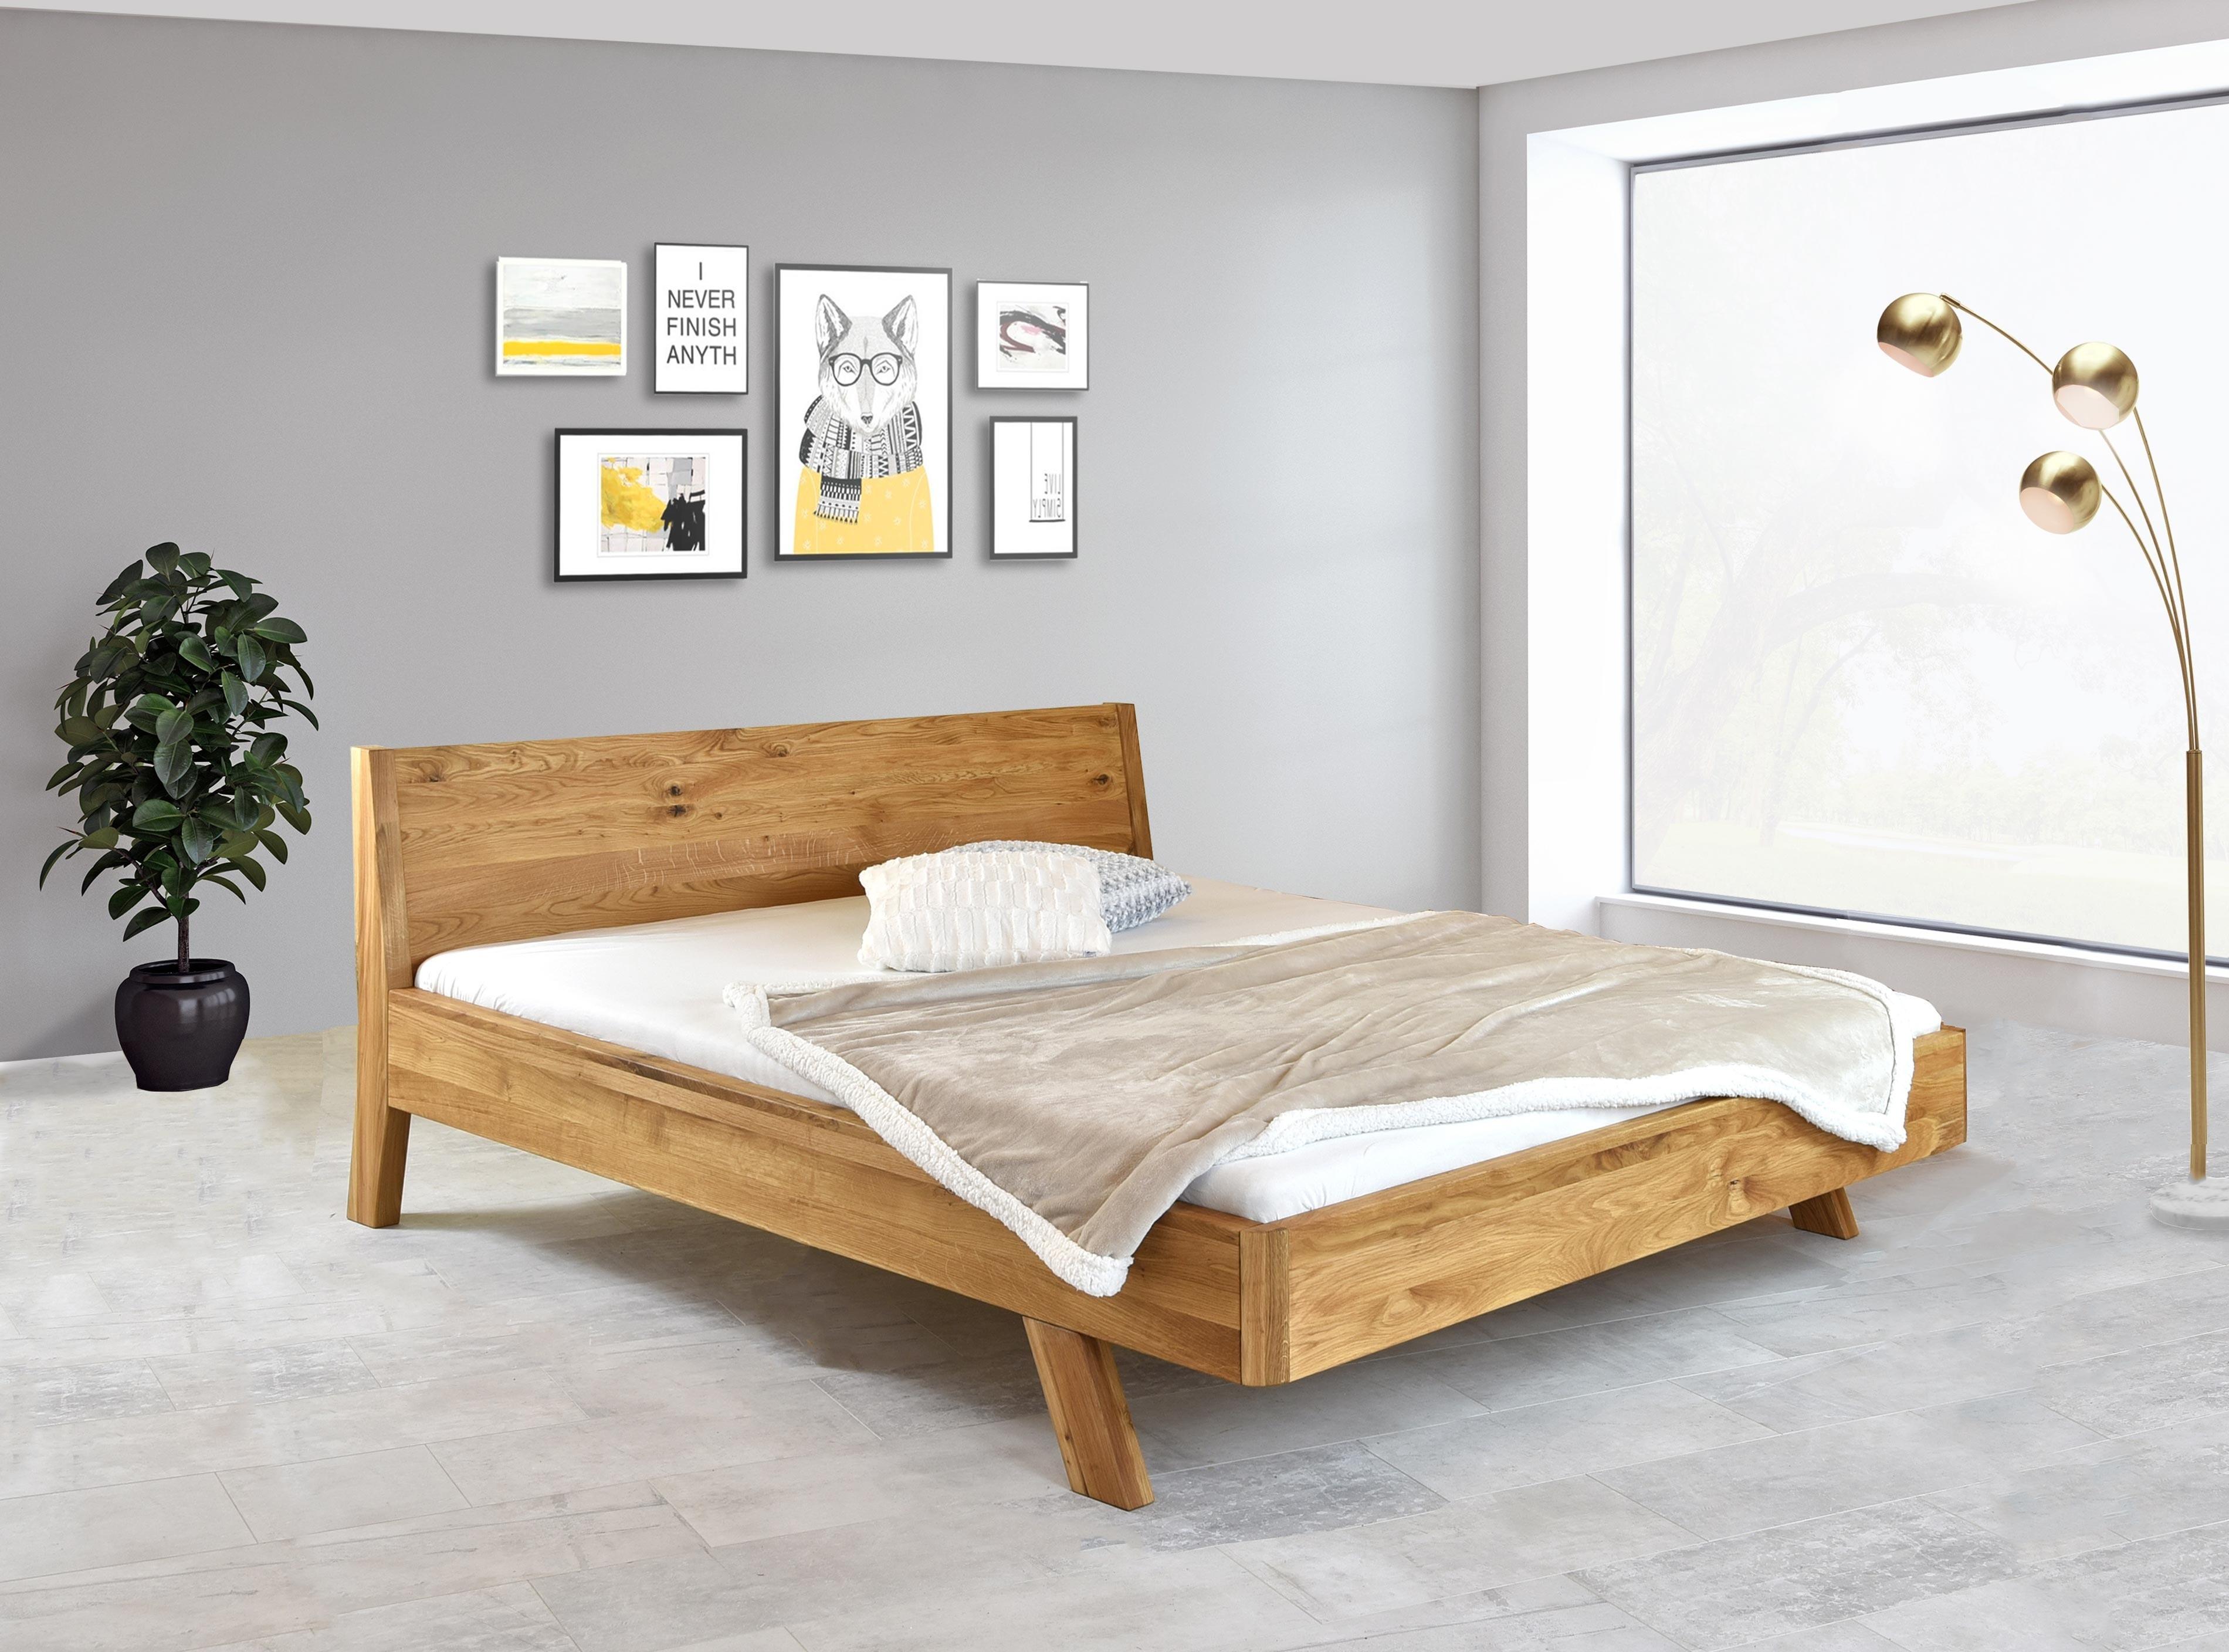 Manželská posteľ z dubového dreva 160 x 200 alebo 180 x 200